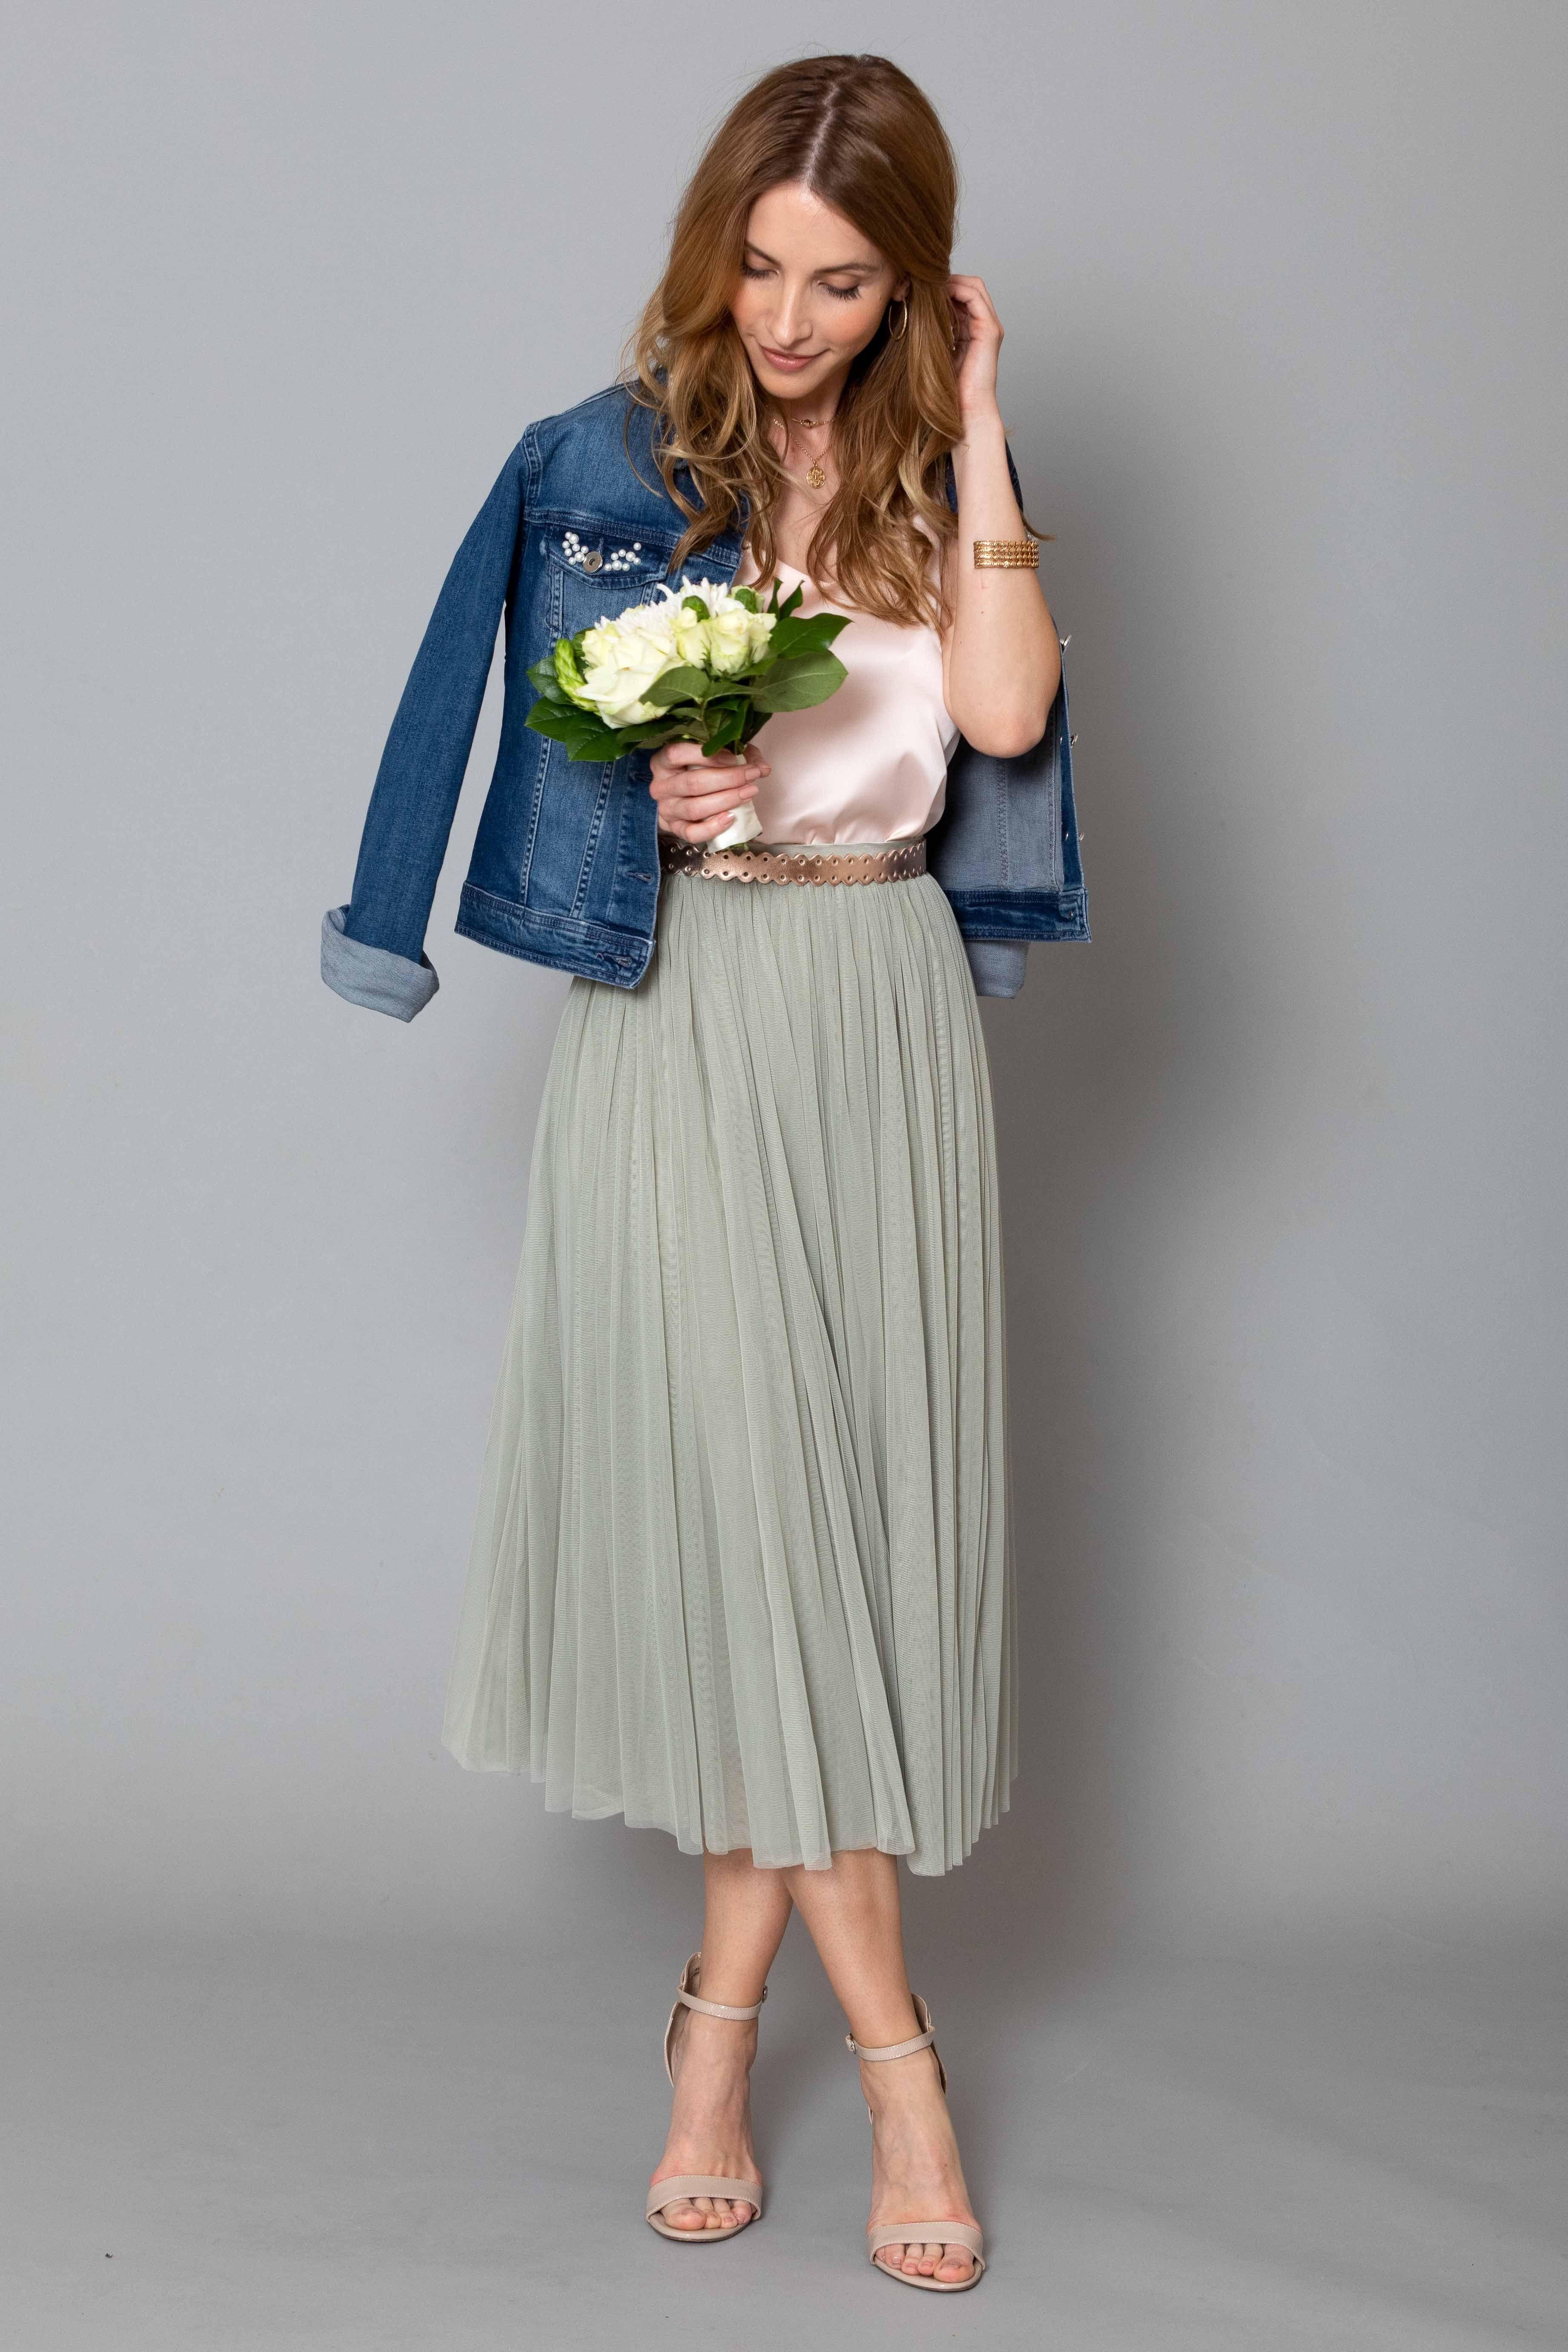 Photo of Tüllrock – wie kombiniere ich einen Tüllrock? Braut Outfit oder Hochzeitsgast.